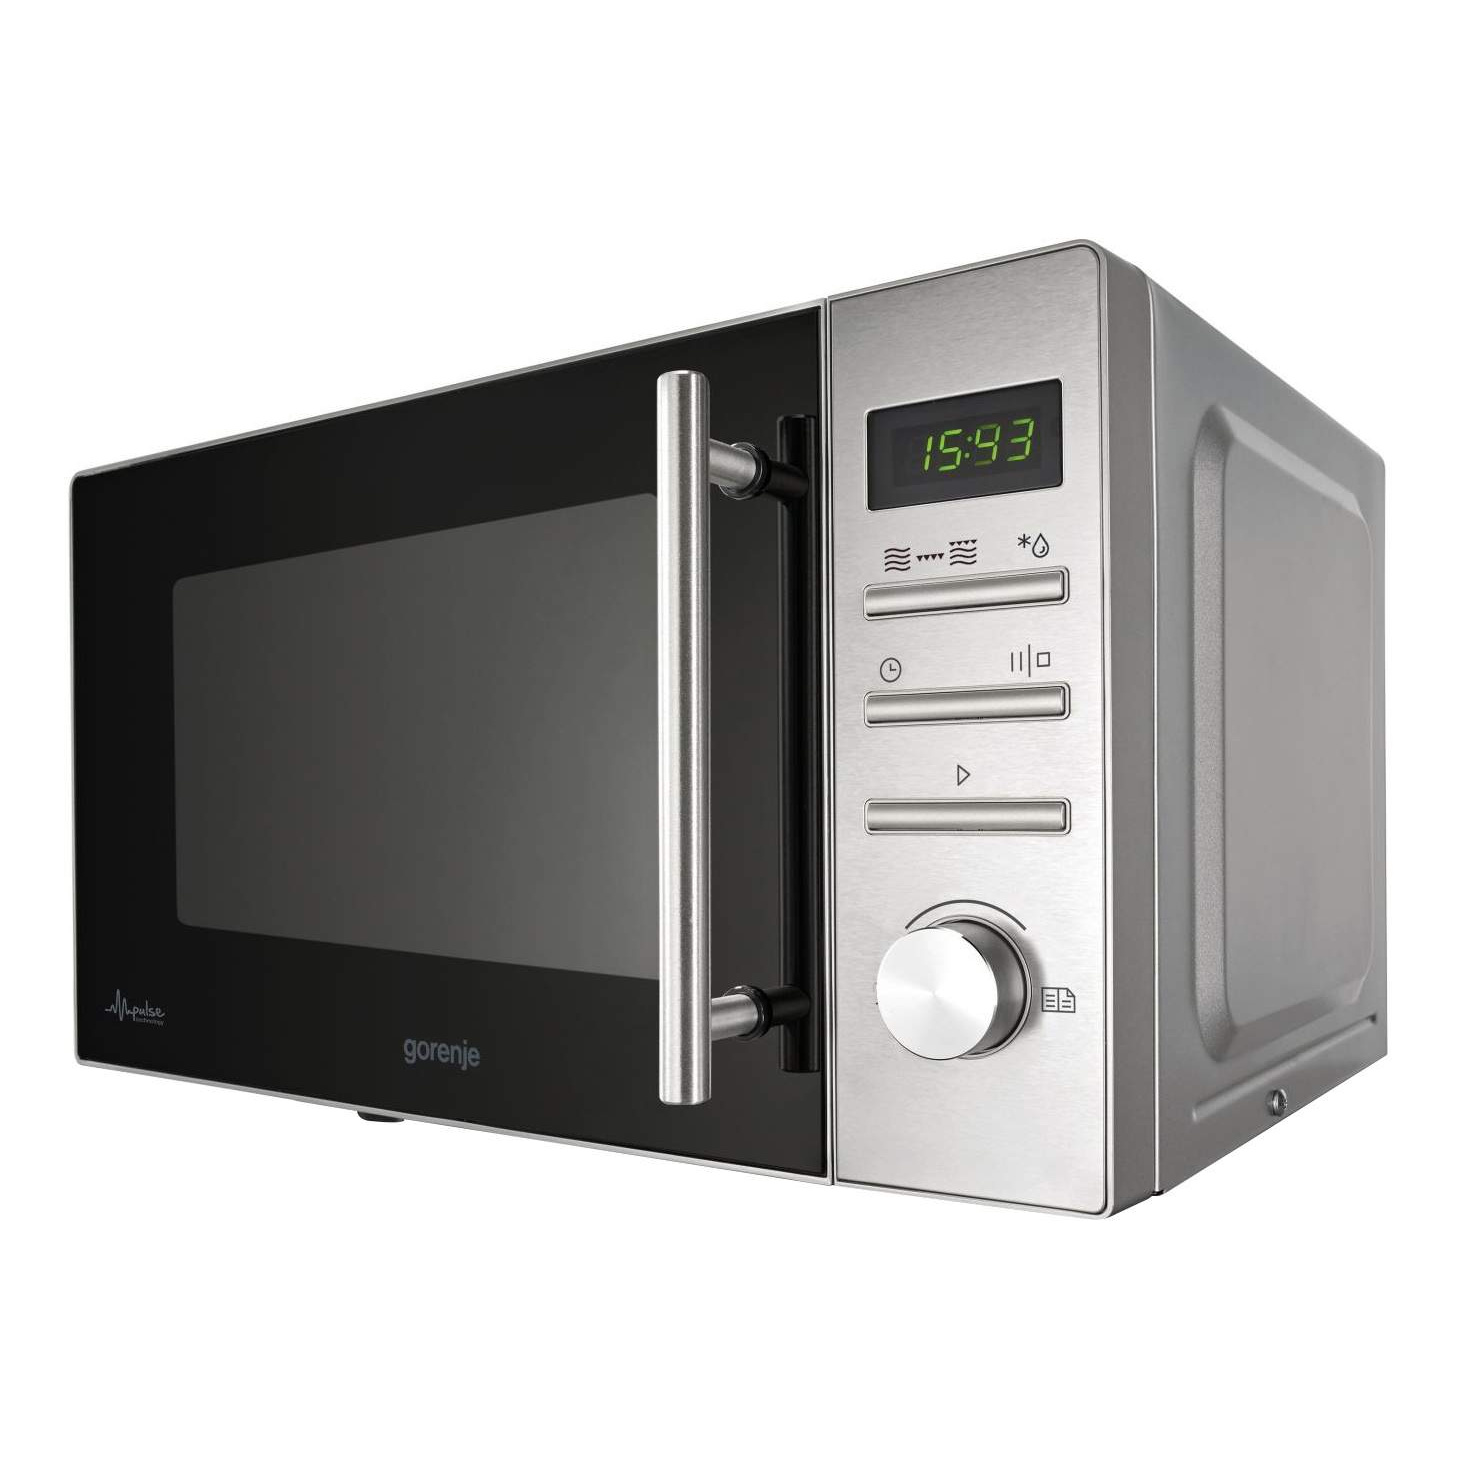 микроволновая печь без гриля цена